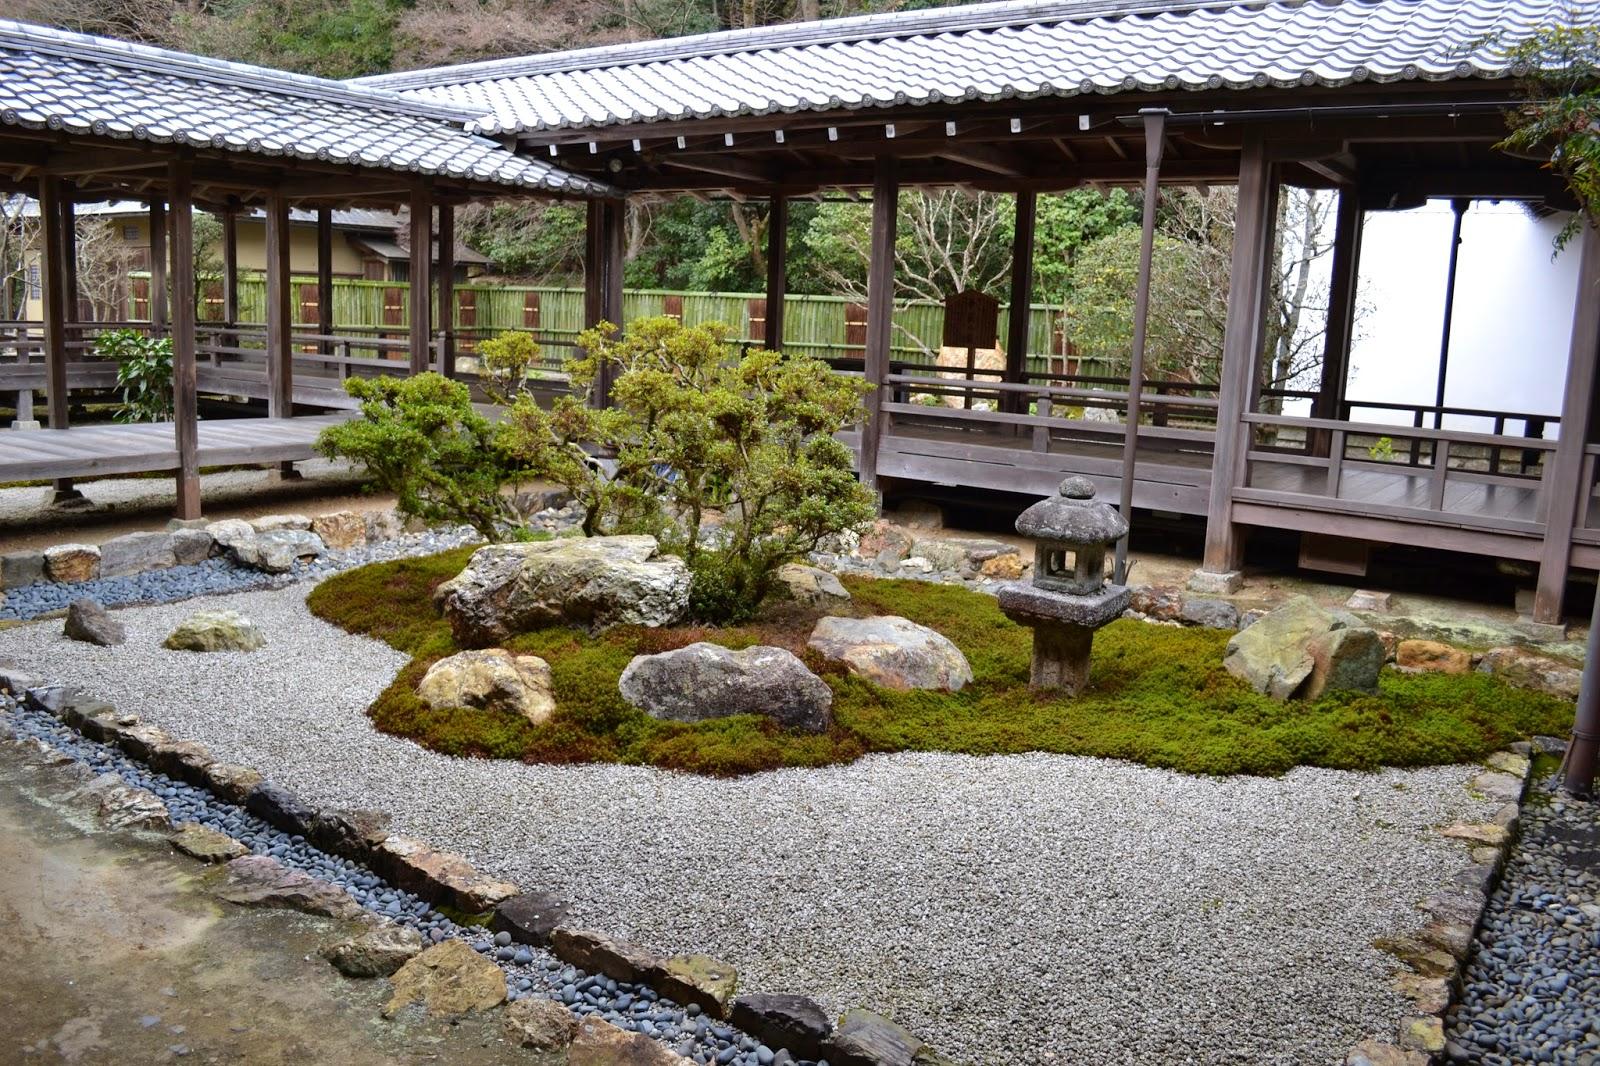 วัดนันเซ็นจิ ที่ประทับของจักรพรรดิญี่ปุ่น l WonderfulTravel